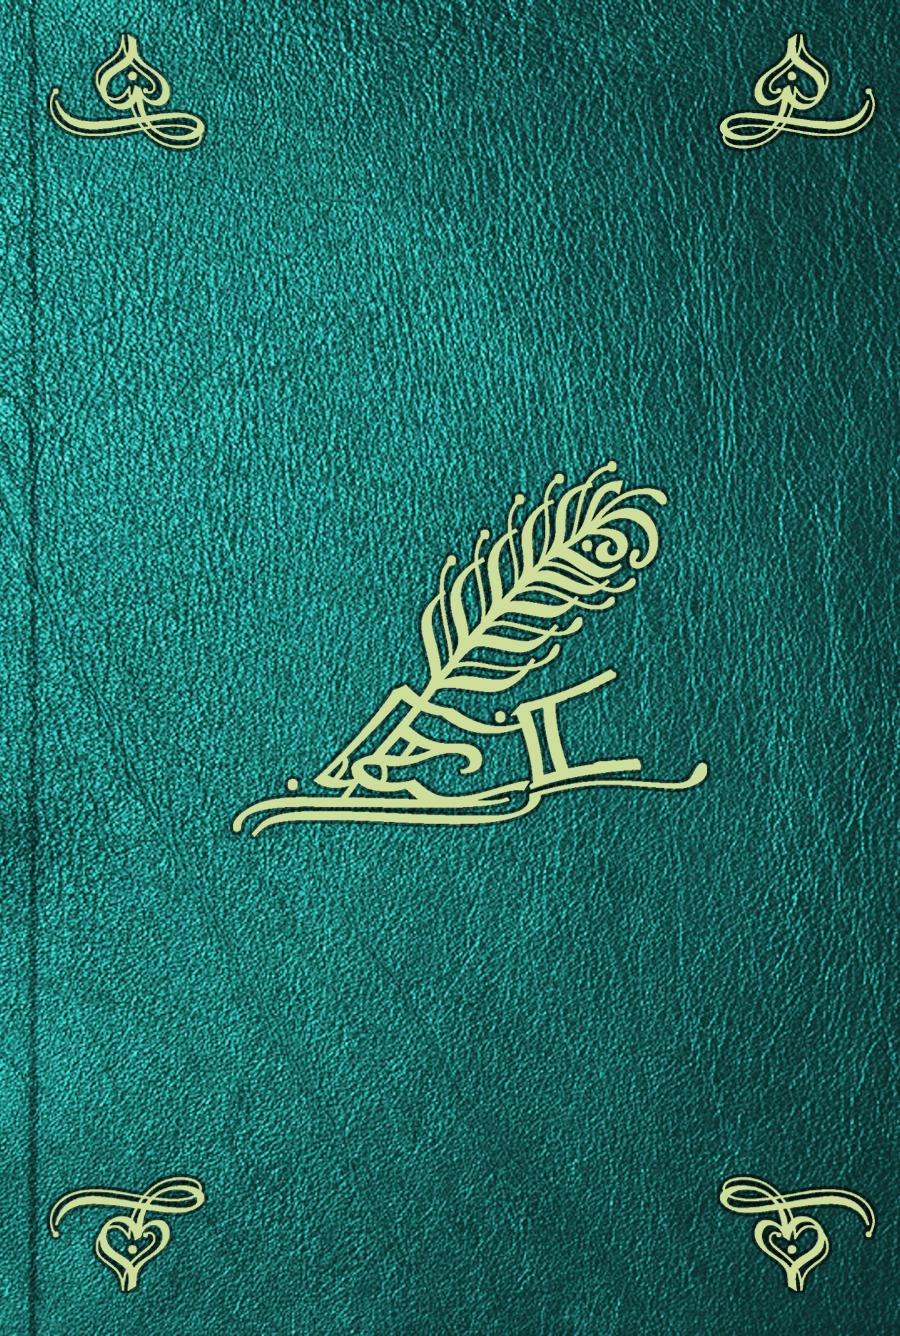 Corneille Le Brun Voyages de Corneille Le Brun par la Moscovie, en Perse, et aux Index orientales. T. 4 john chardin voyages du chevalier chardin en perse et autres lieux de l orient t 4